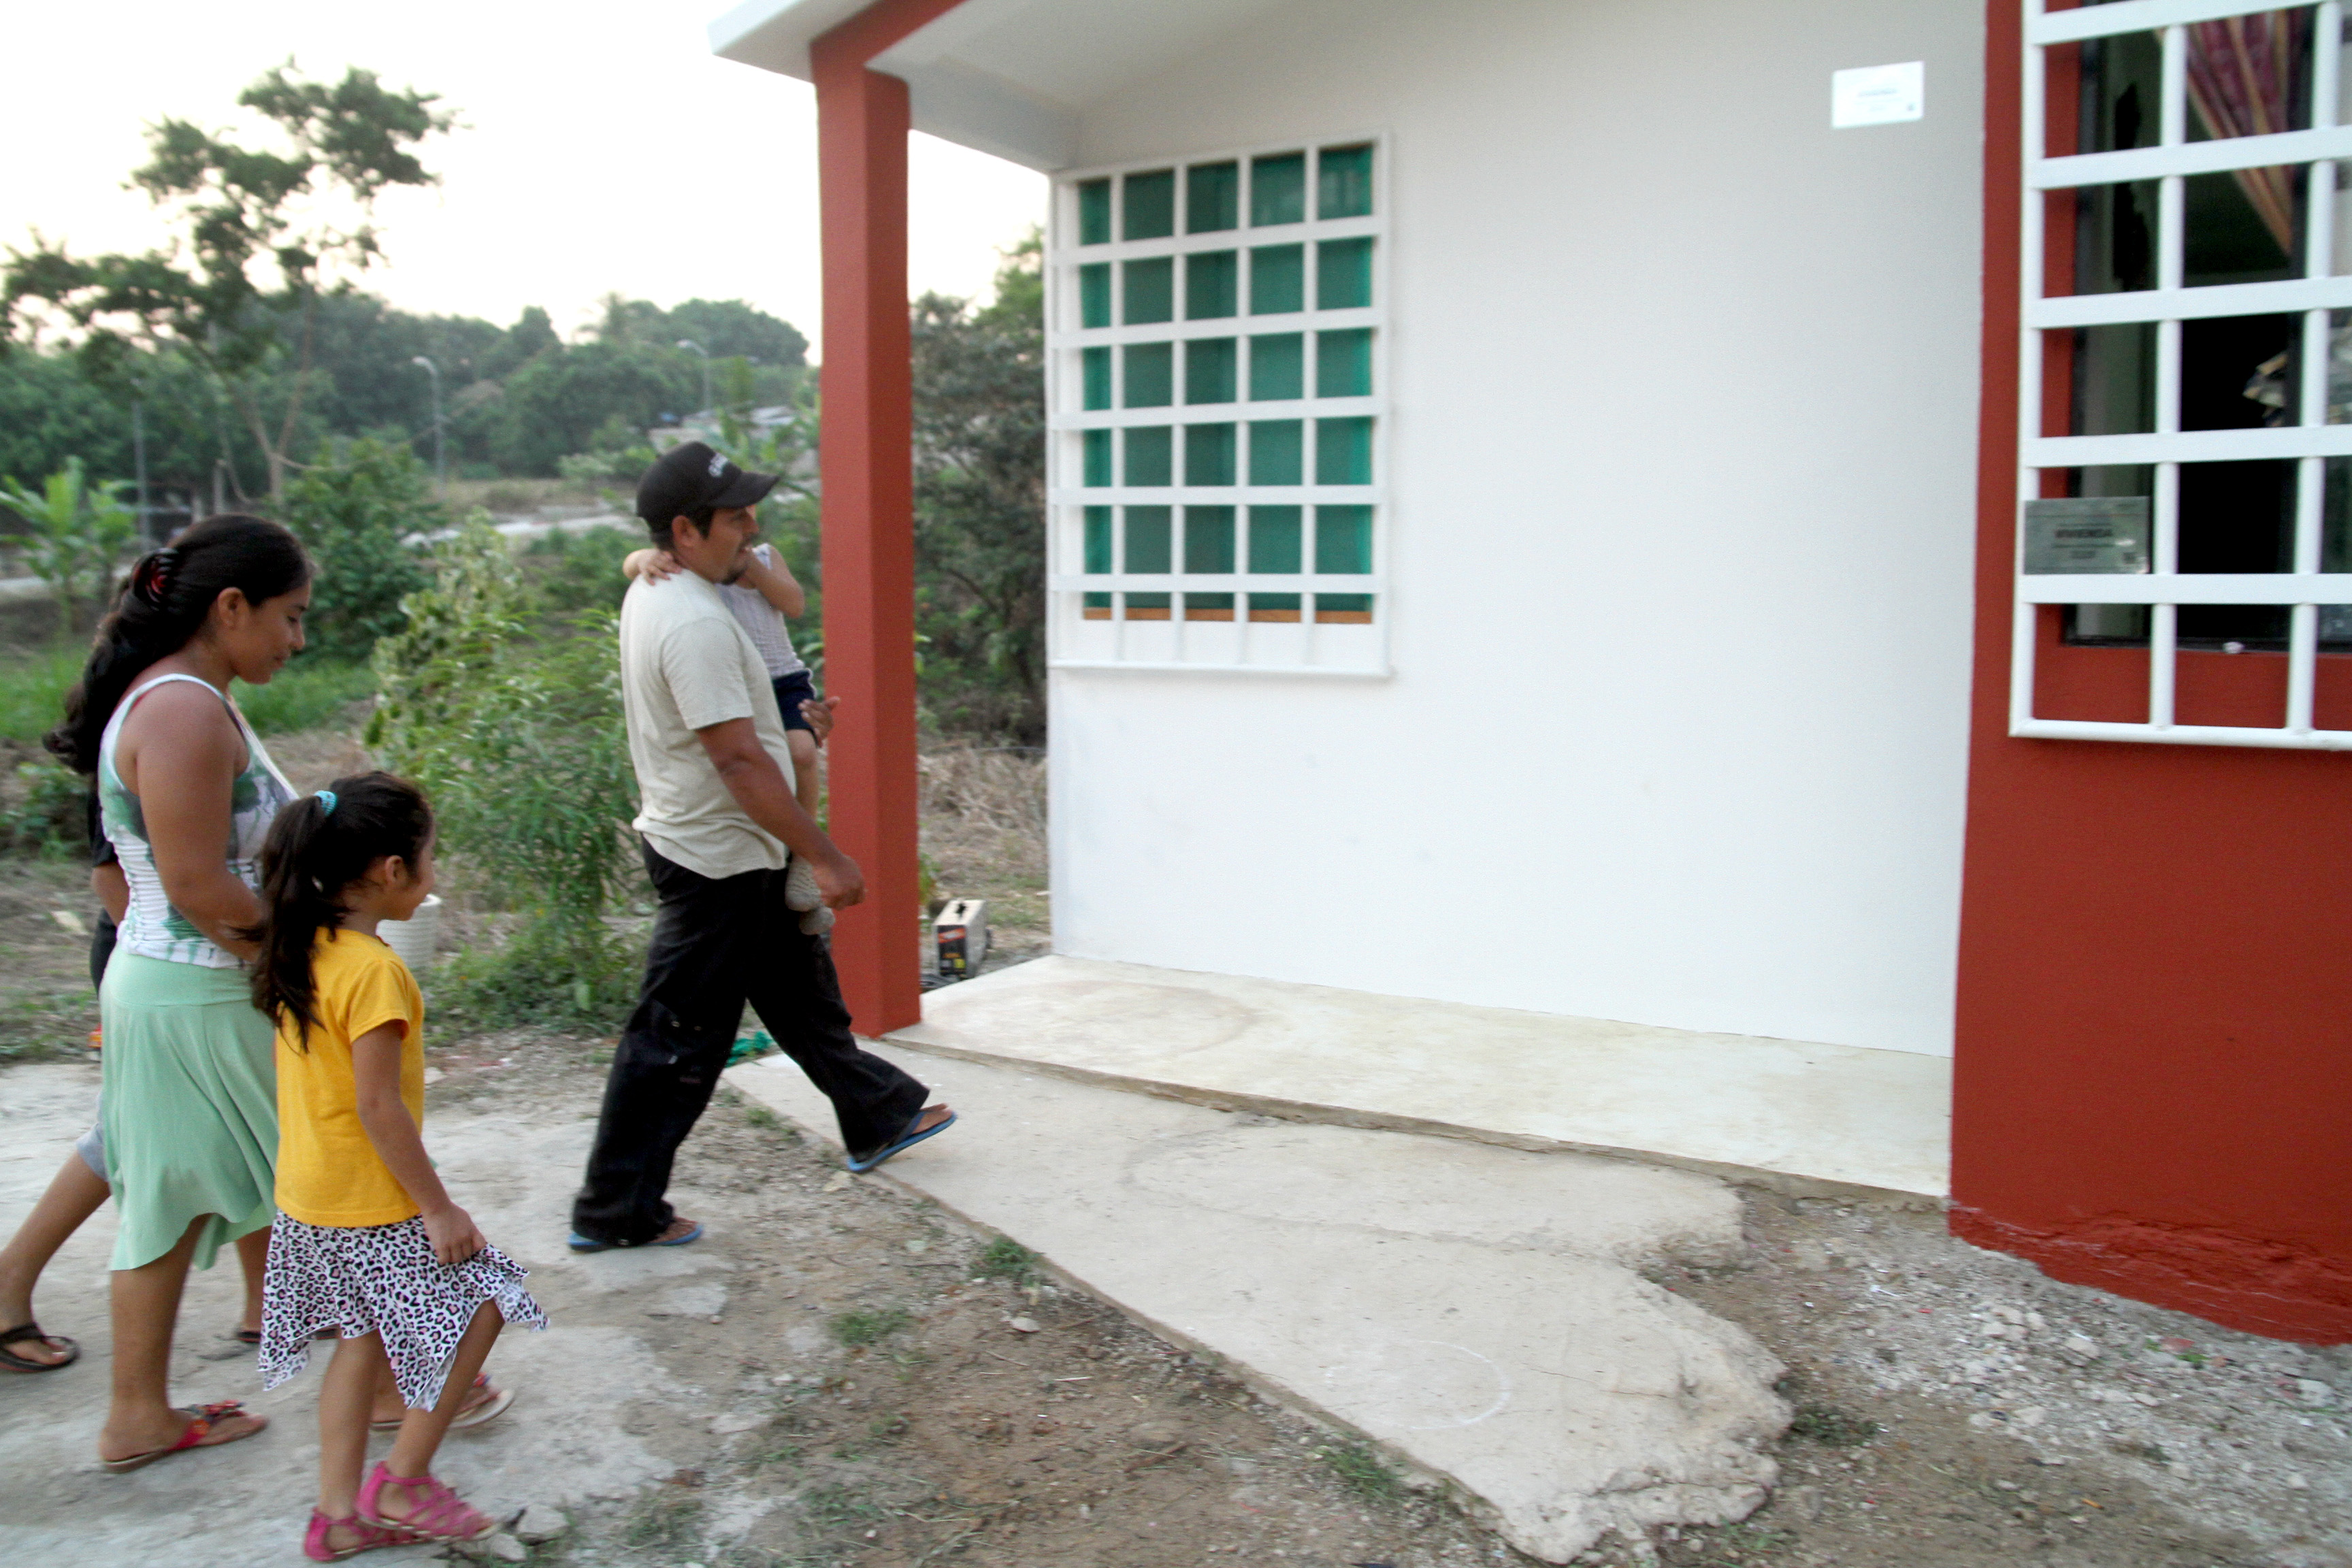 Tengo un terreno y quiero construir mi casa simple simple excellent diminuta casa de una planta - Quiero construir mi casa ...